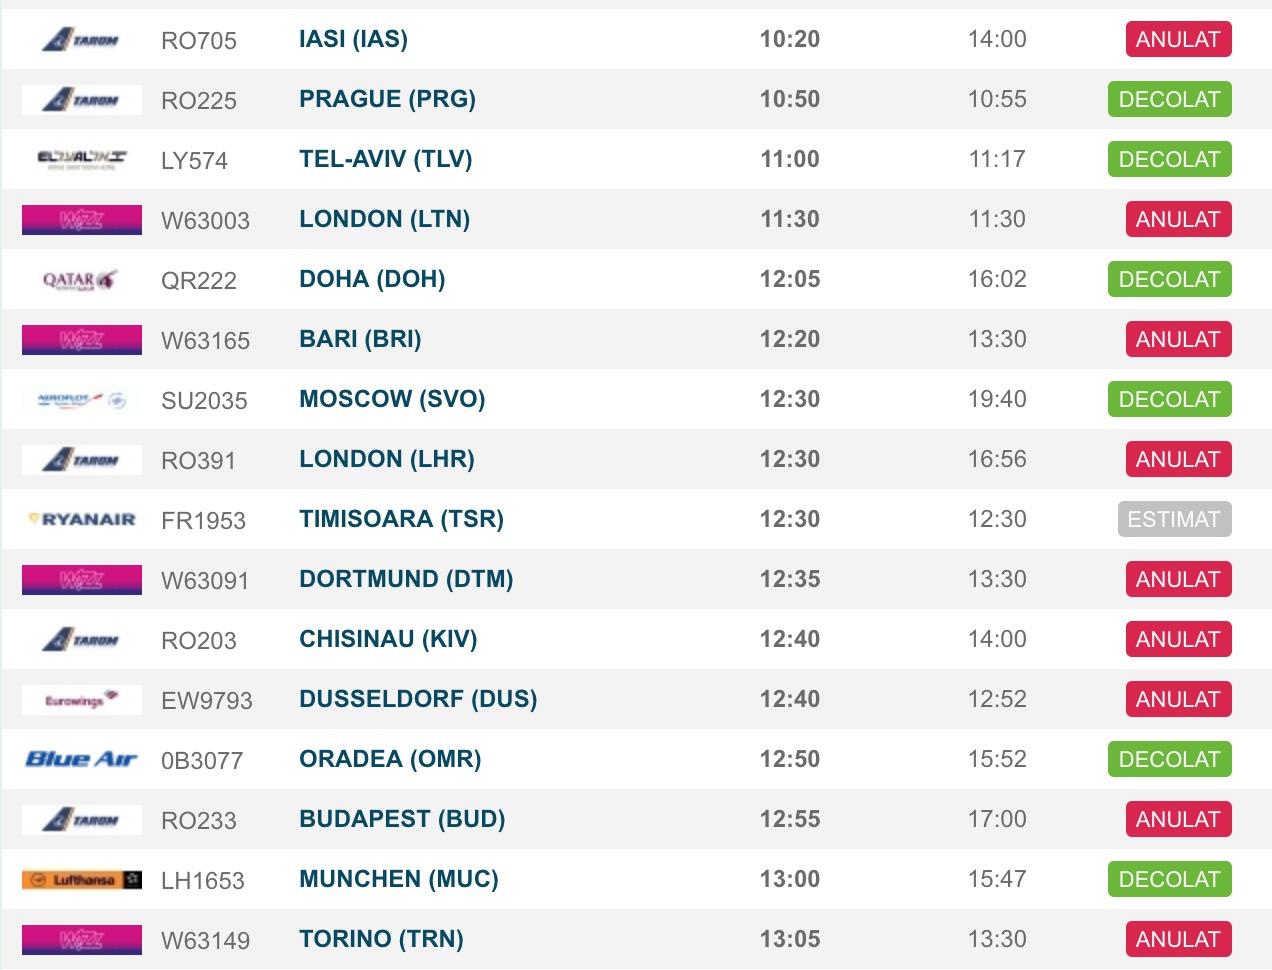 Zboruri anulate pe Otopeni din cauza vremii. Wizzair a anulat 8 curse, Tarom 5, Blueair una și Lufhtansa două